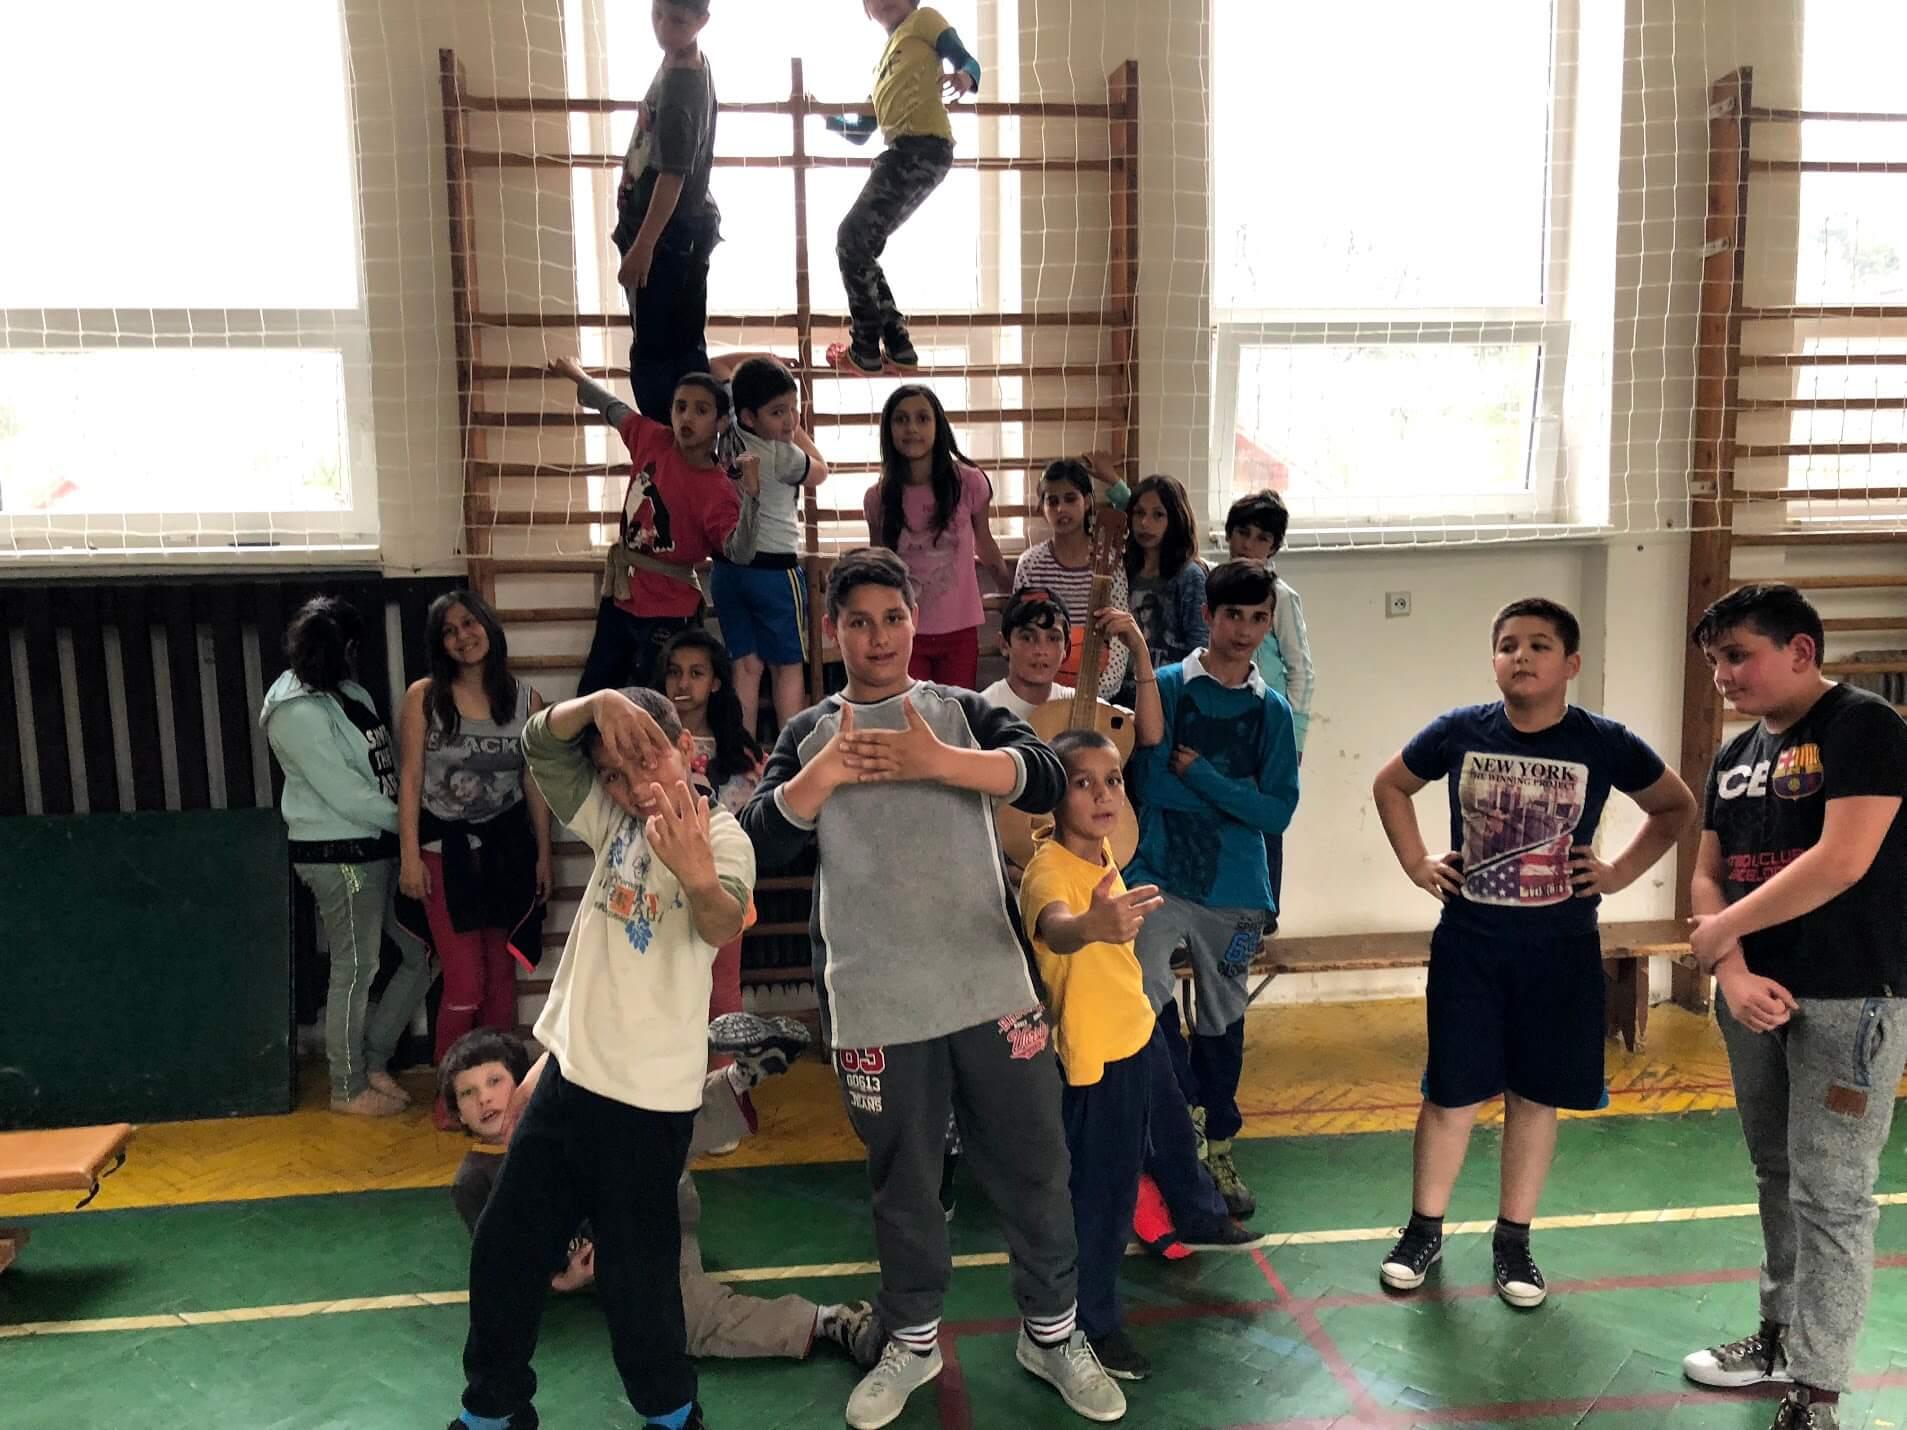 Fotka s dětmi z sportovního kroužku v tělocvičně na ZŠ Klenovec